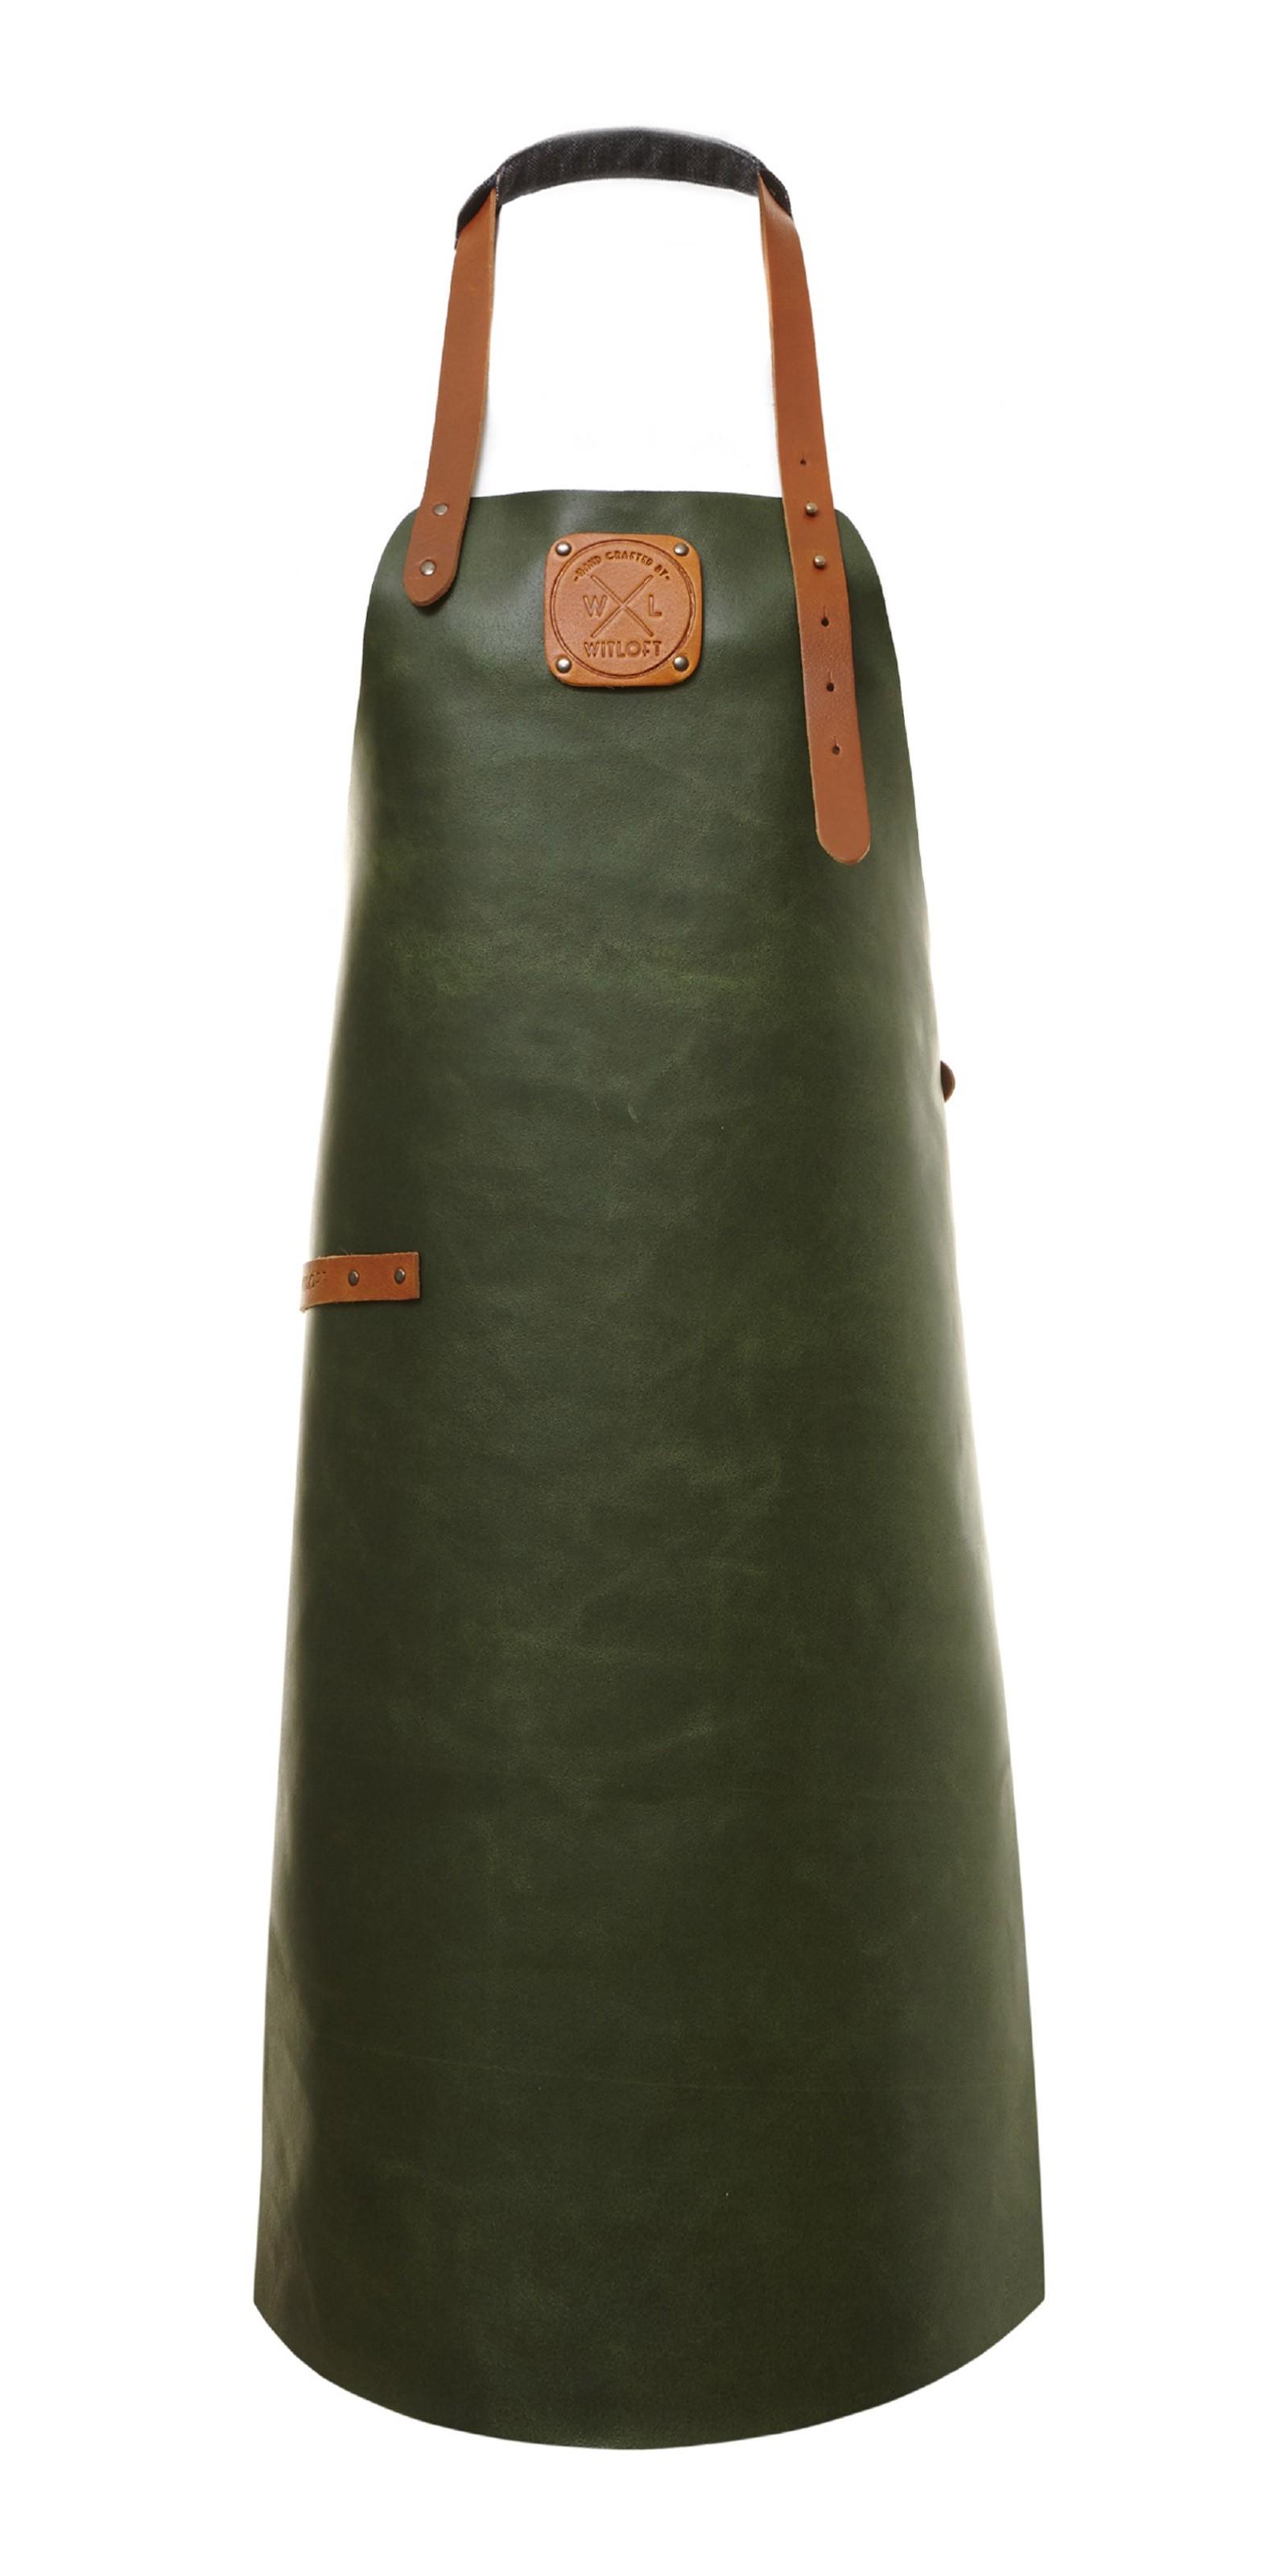 Witloft Grillschürze / Lederschürze Green/Cognac Größe XL Bild 1